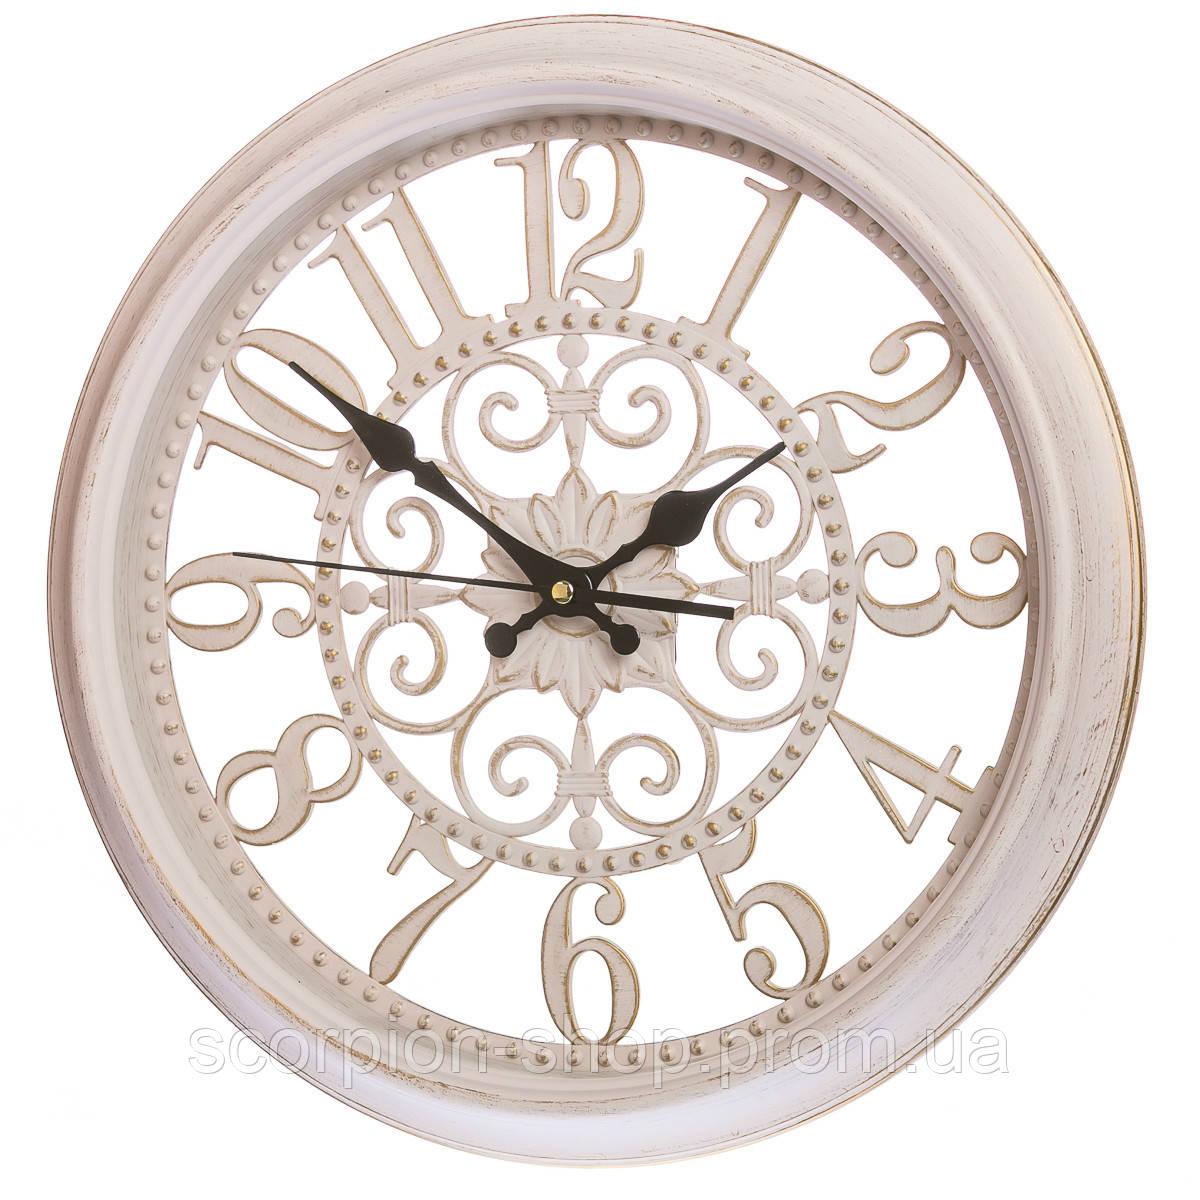 Настенные часы (Ø 36 см) ажурные (069A/cream)